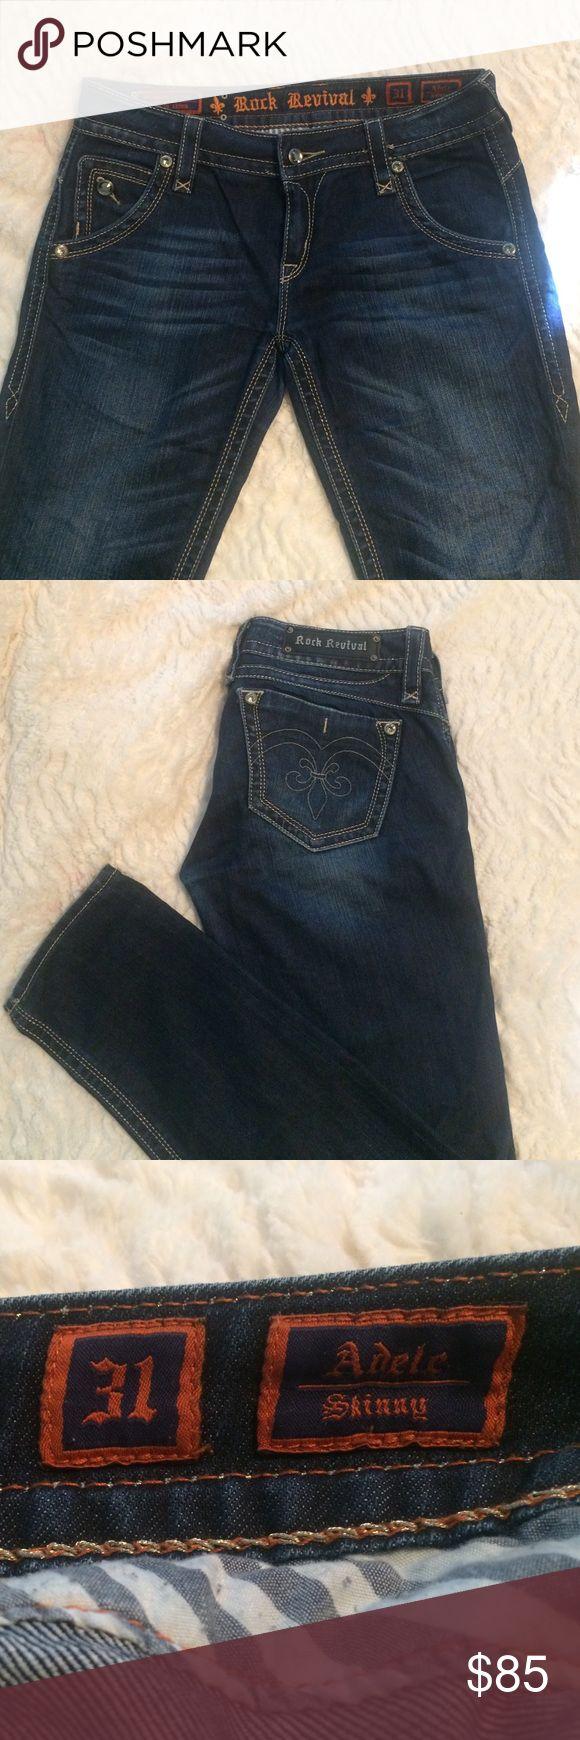 Rock Revival Adele Skinny Jeans Dark wash skinny jean... NO STRETCH! In great condition... Rock Revival Jeans Skinny